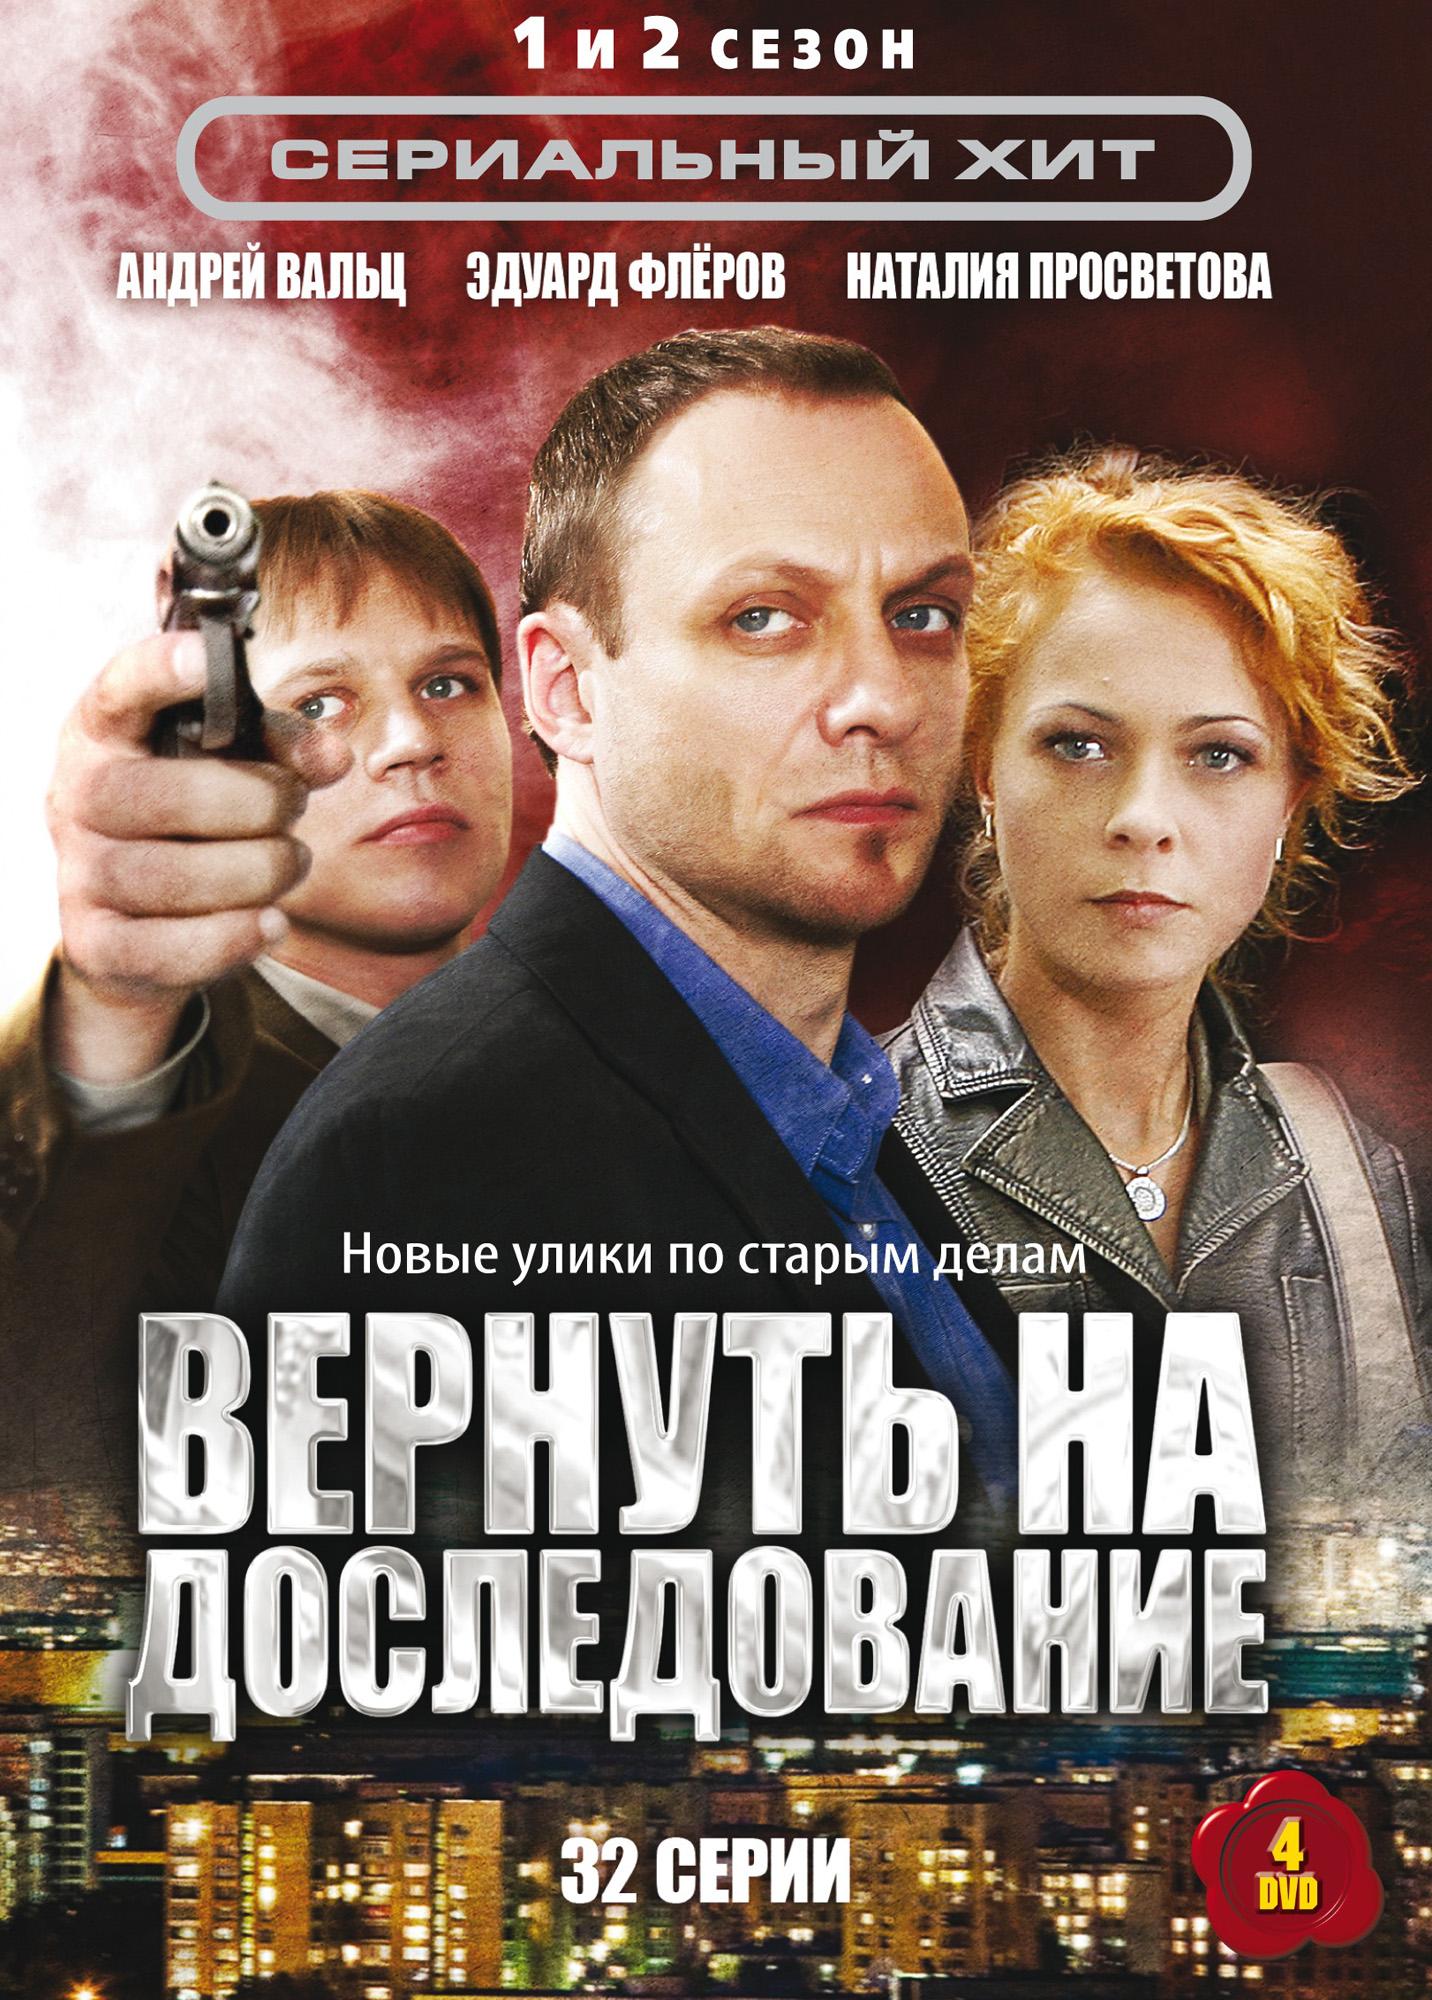 Смотреть русские сериалы онлайн бесплатно в хорошем